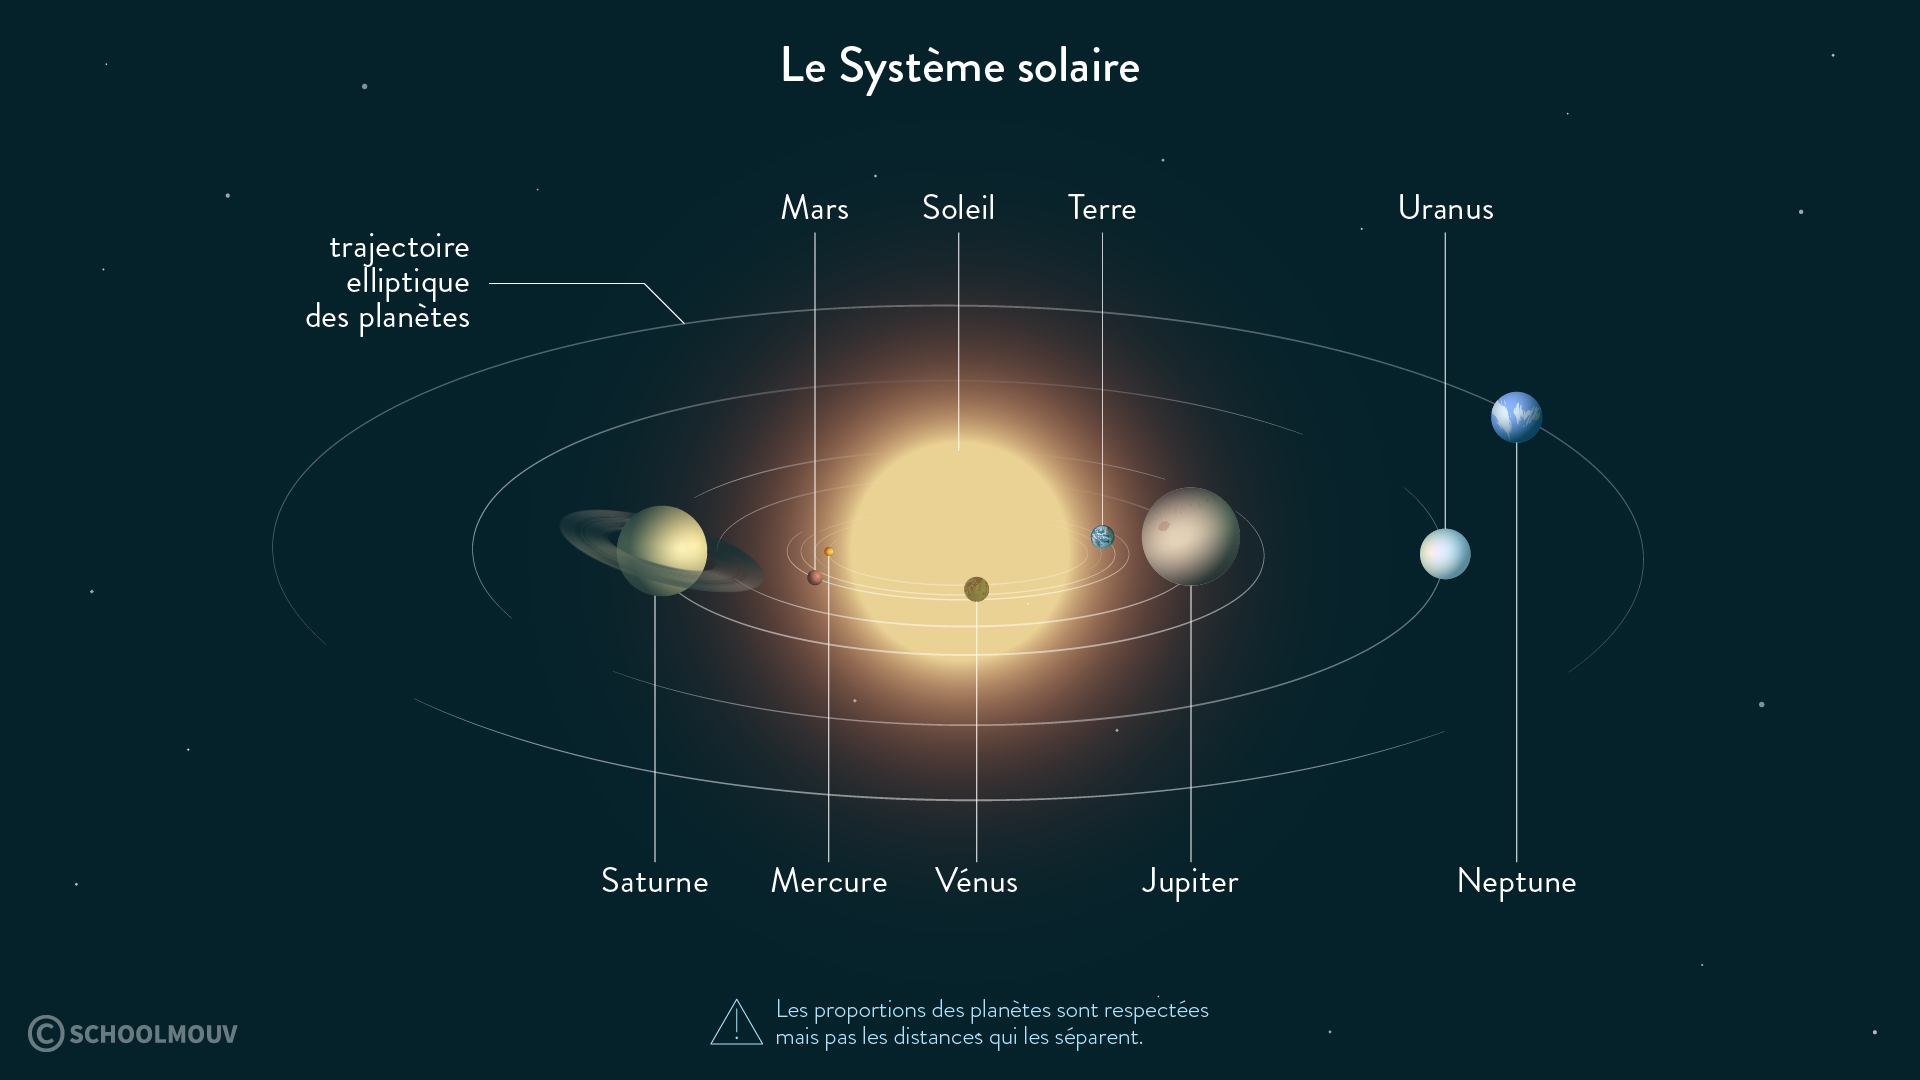 Le Système solaire-svt-6e-schoolmouv